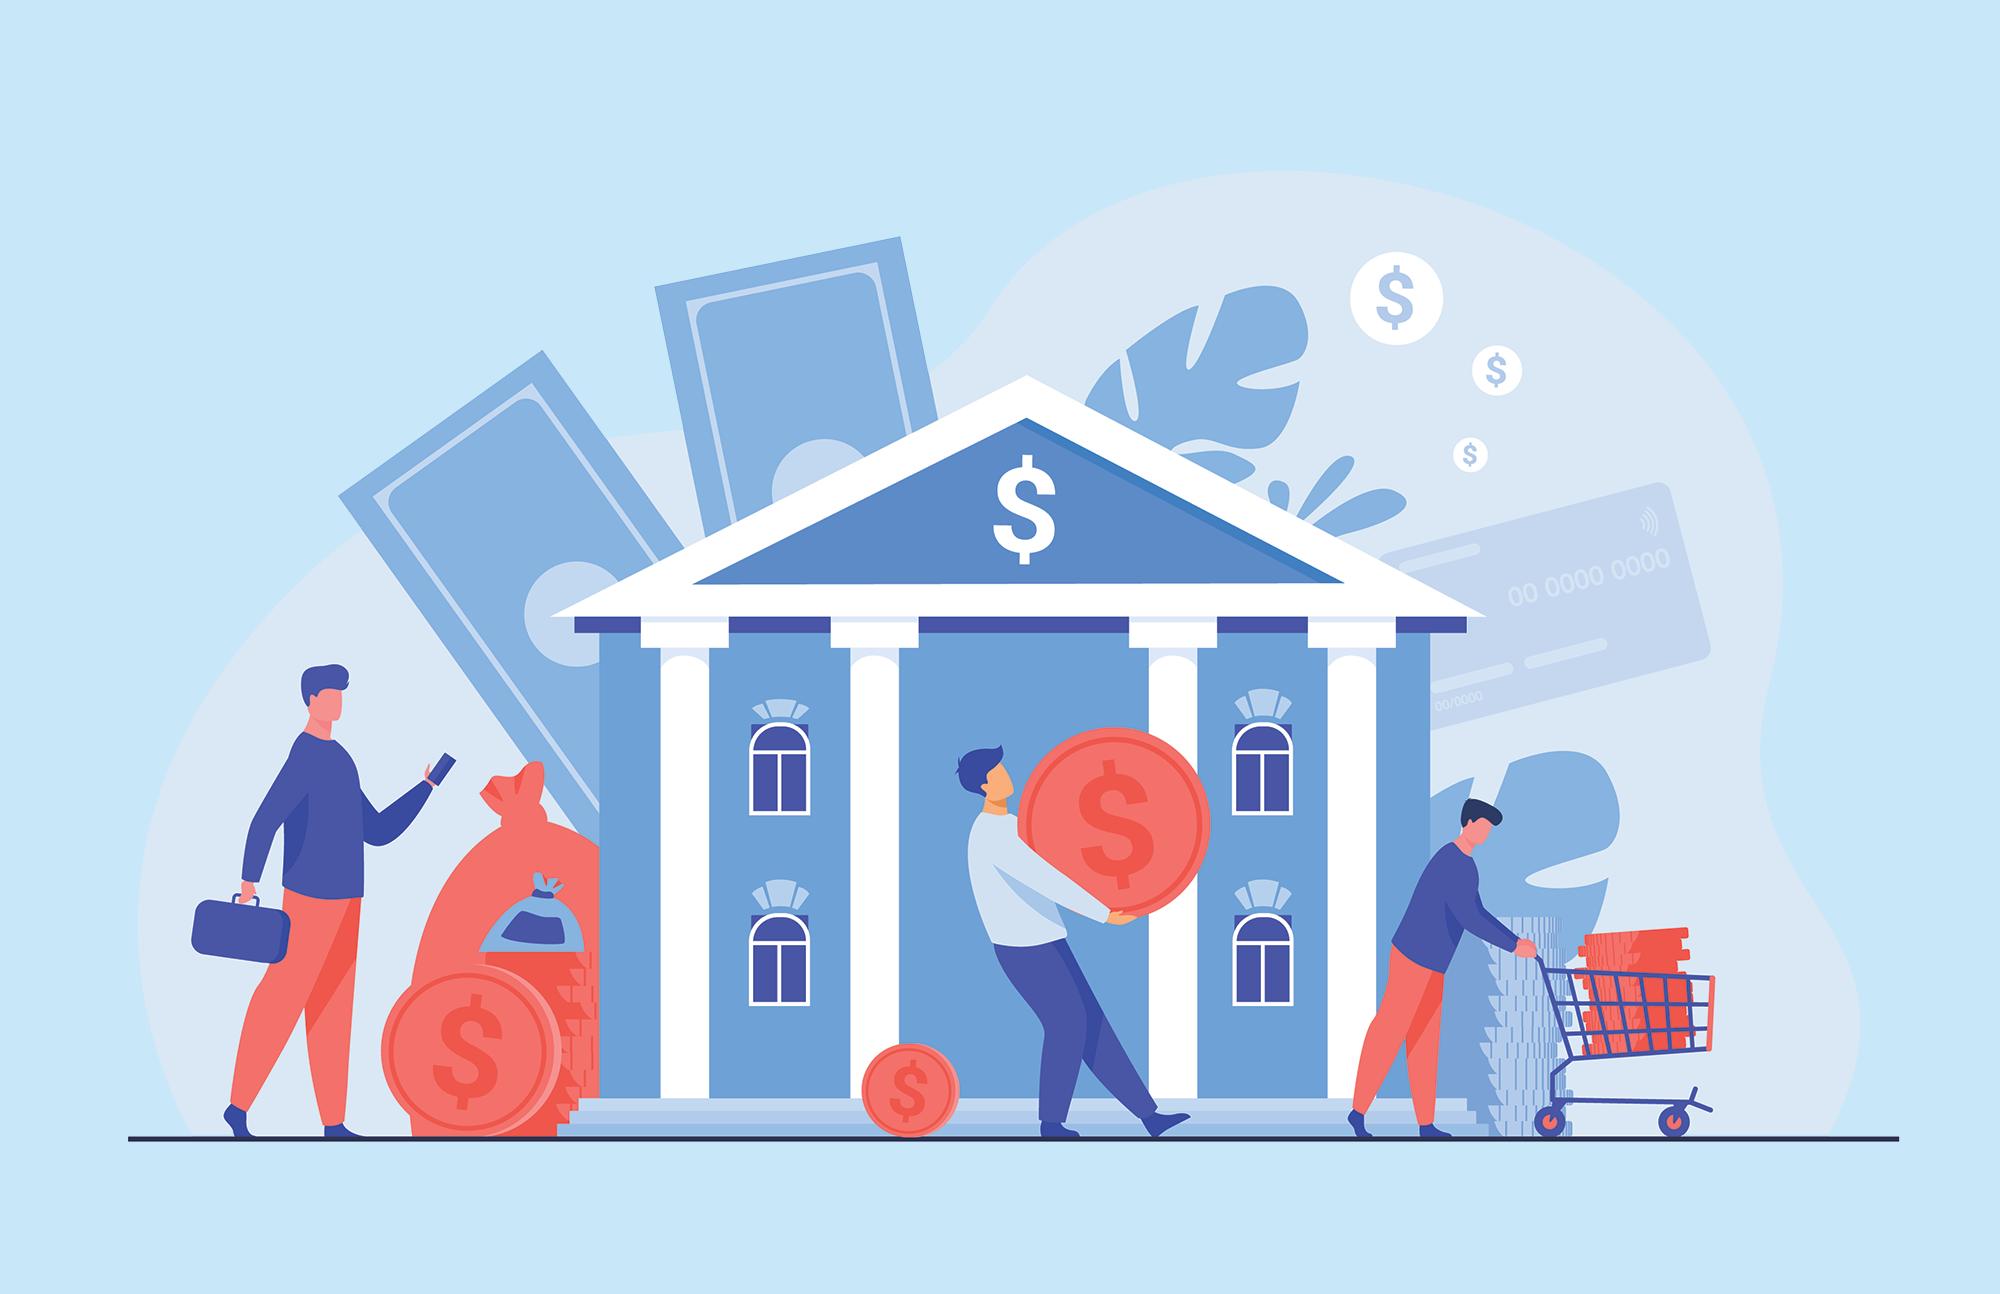 Wewnętrzny kanał do anonimowych zgłoszeń dla banków (zgodny z ustawą o przeciwdziałaniu praniu pieniędzy oraz finansowaniu terroryzmu i Dyrektywą o ochronie sygnalistów)